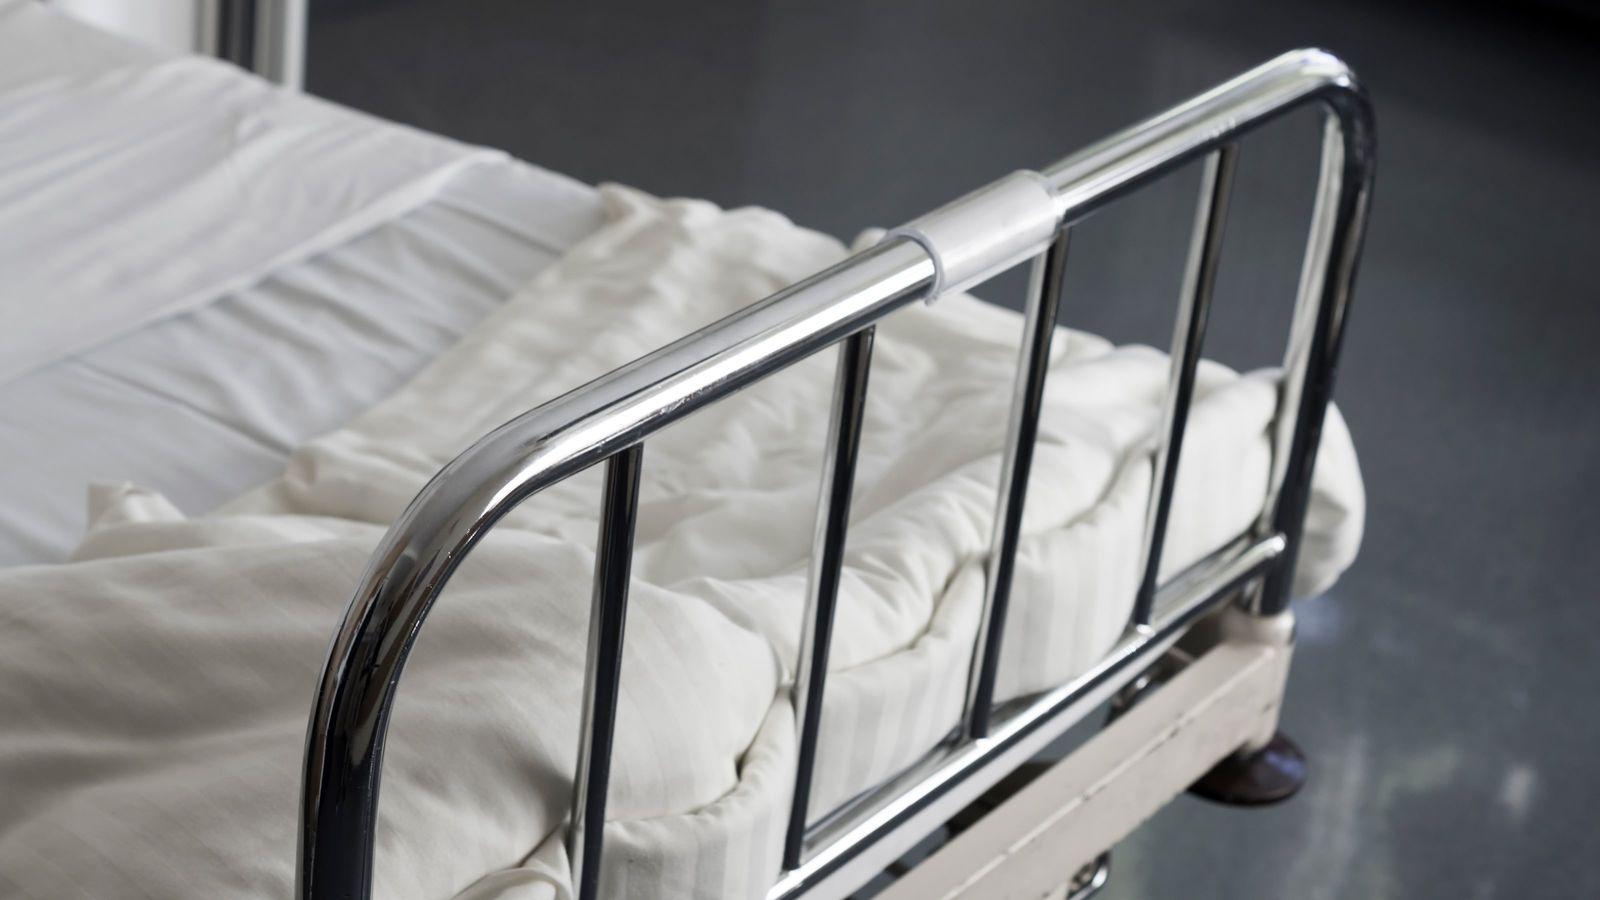 衝撃…全病床の1.8%しかコロナで使わなかった日本には、ベッドが余っていた 医療崩壊危機を招いた真犯人は誰だ